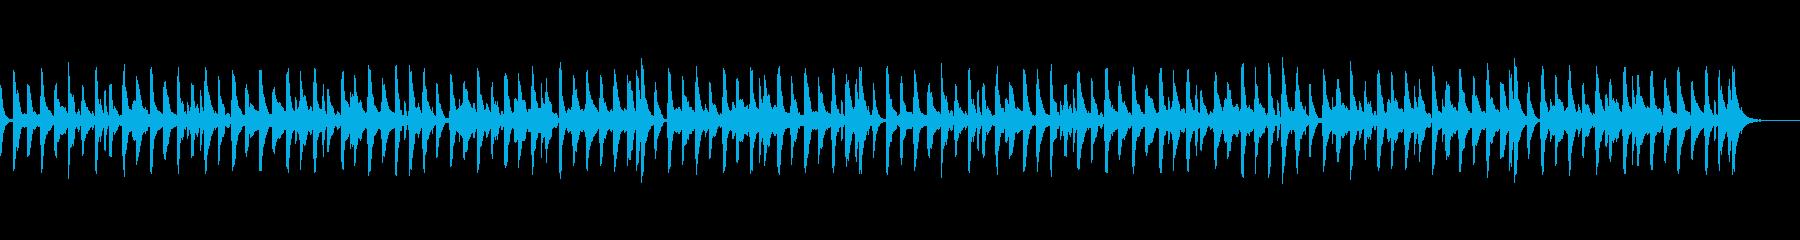 ほのぼのとした散歩のような弦とVib.の再生済みの波形